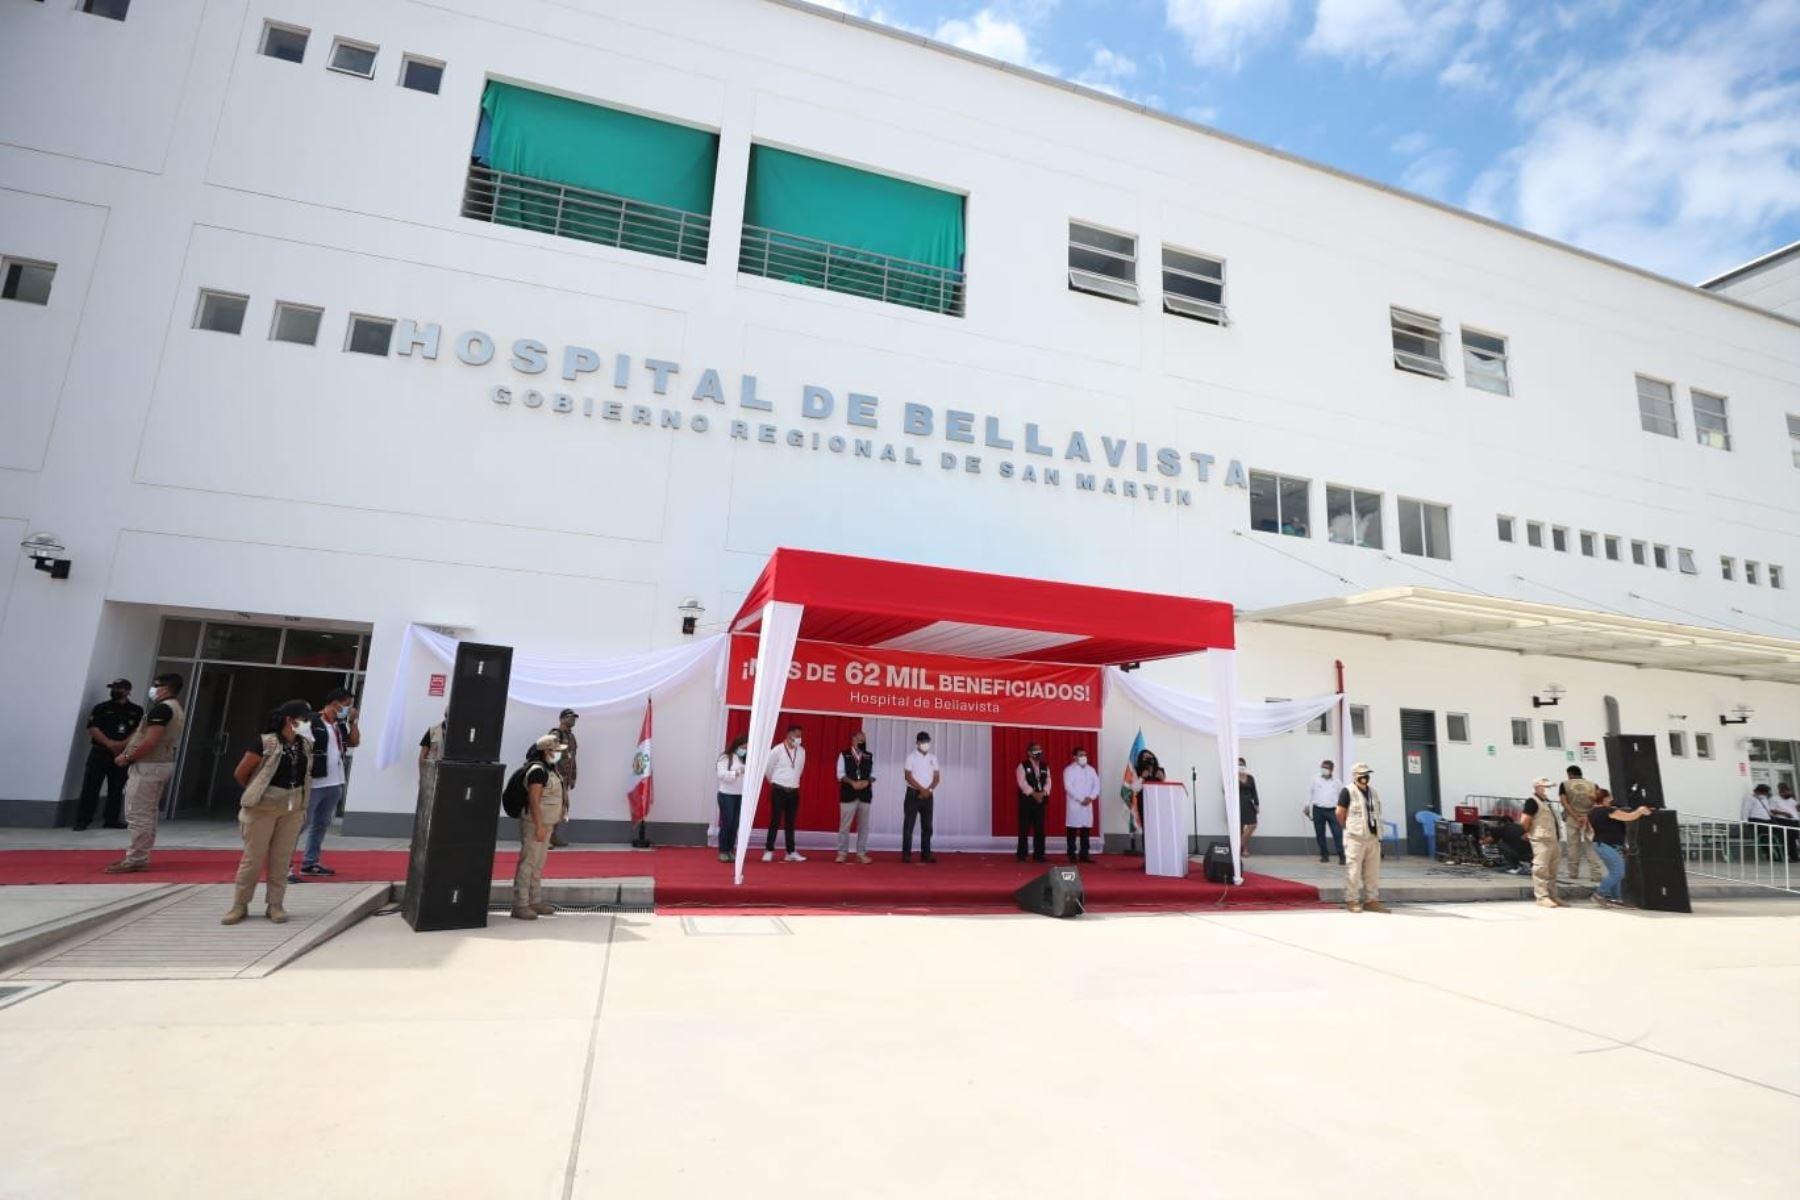 La titular de la PCM, Violeta Bermúdez, preside la inauguración del Hospital de Bellavista en San Martín, un trabajo en conjunto del gobierno nacional, el regional y local para su construcción y puesta en funcionamiento. Brindará servicios a la población más vulnerable de la provincia. Foto: PCM